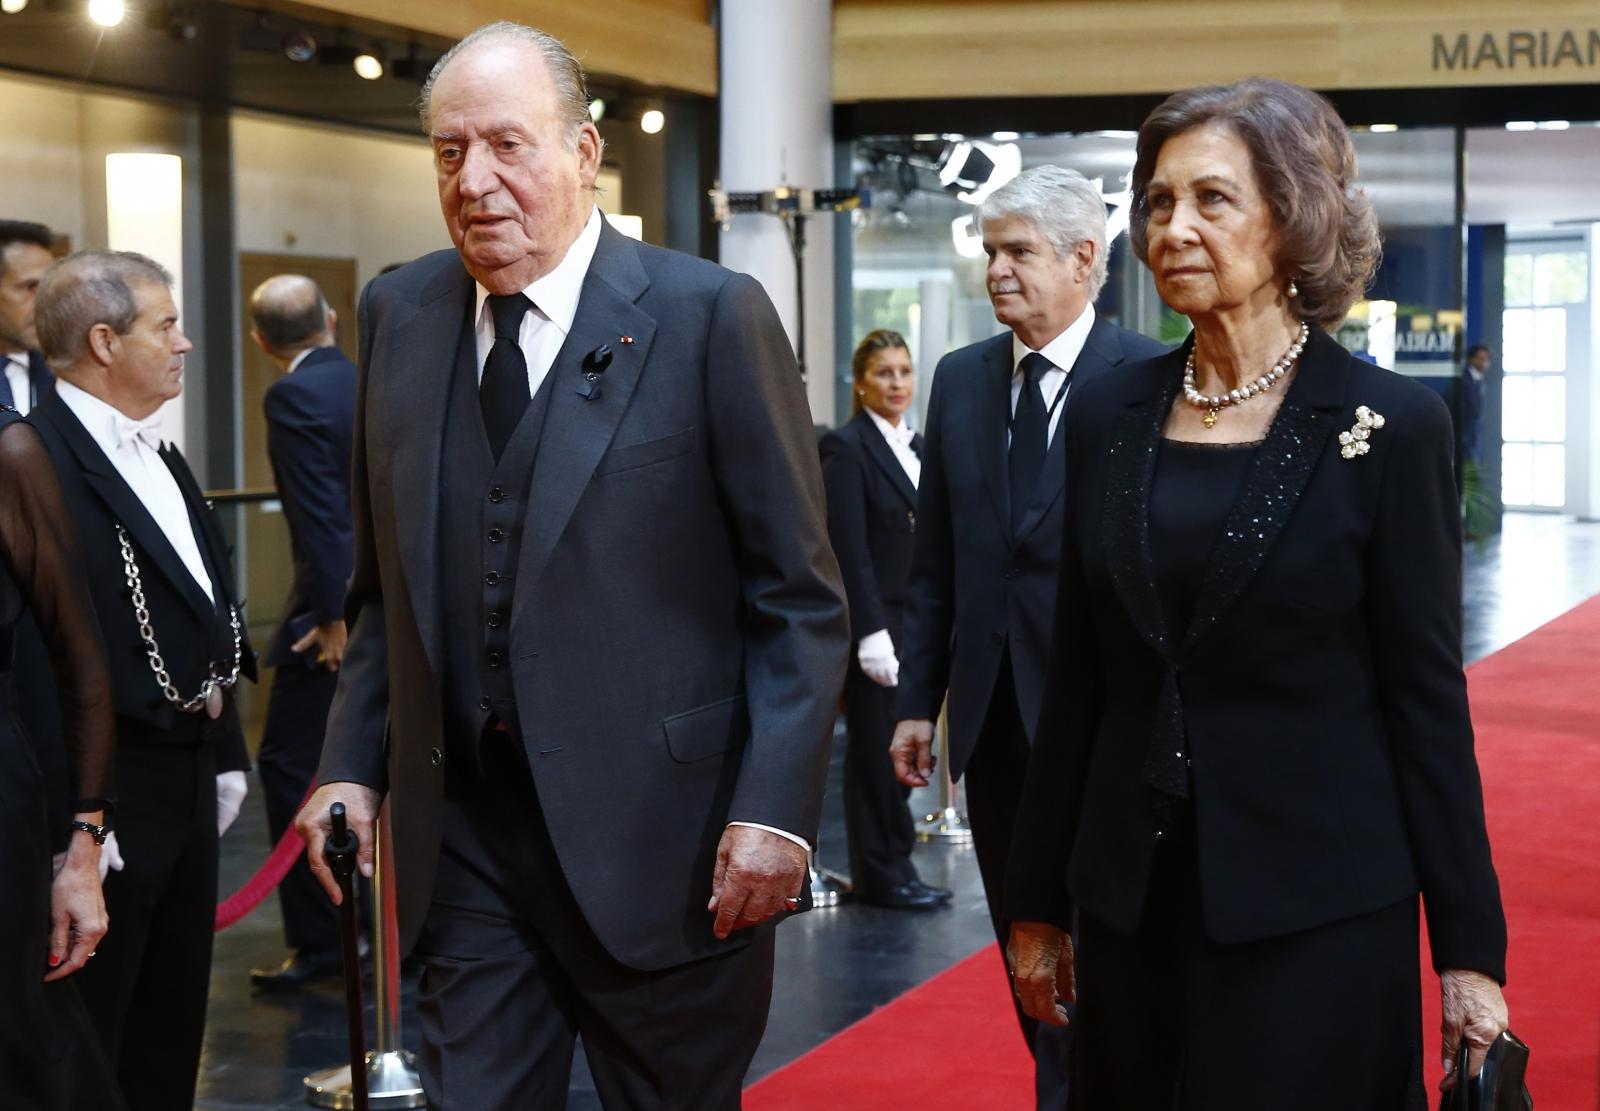 Juan Carlos and Sophia